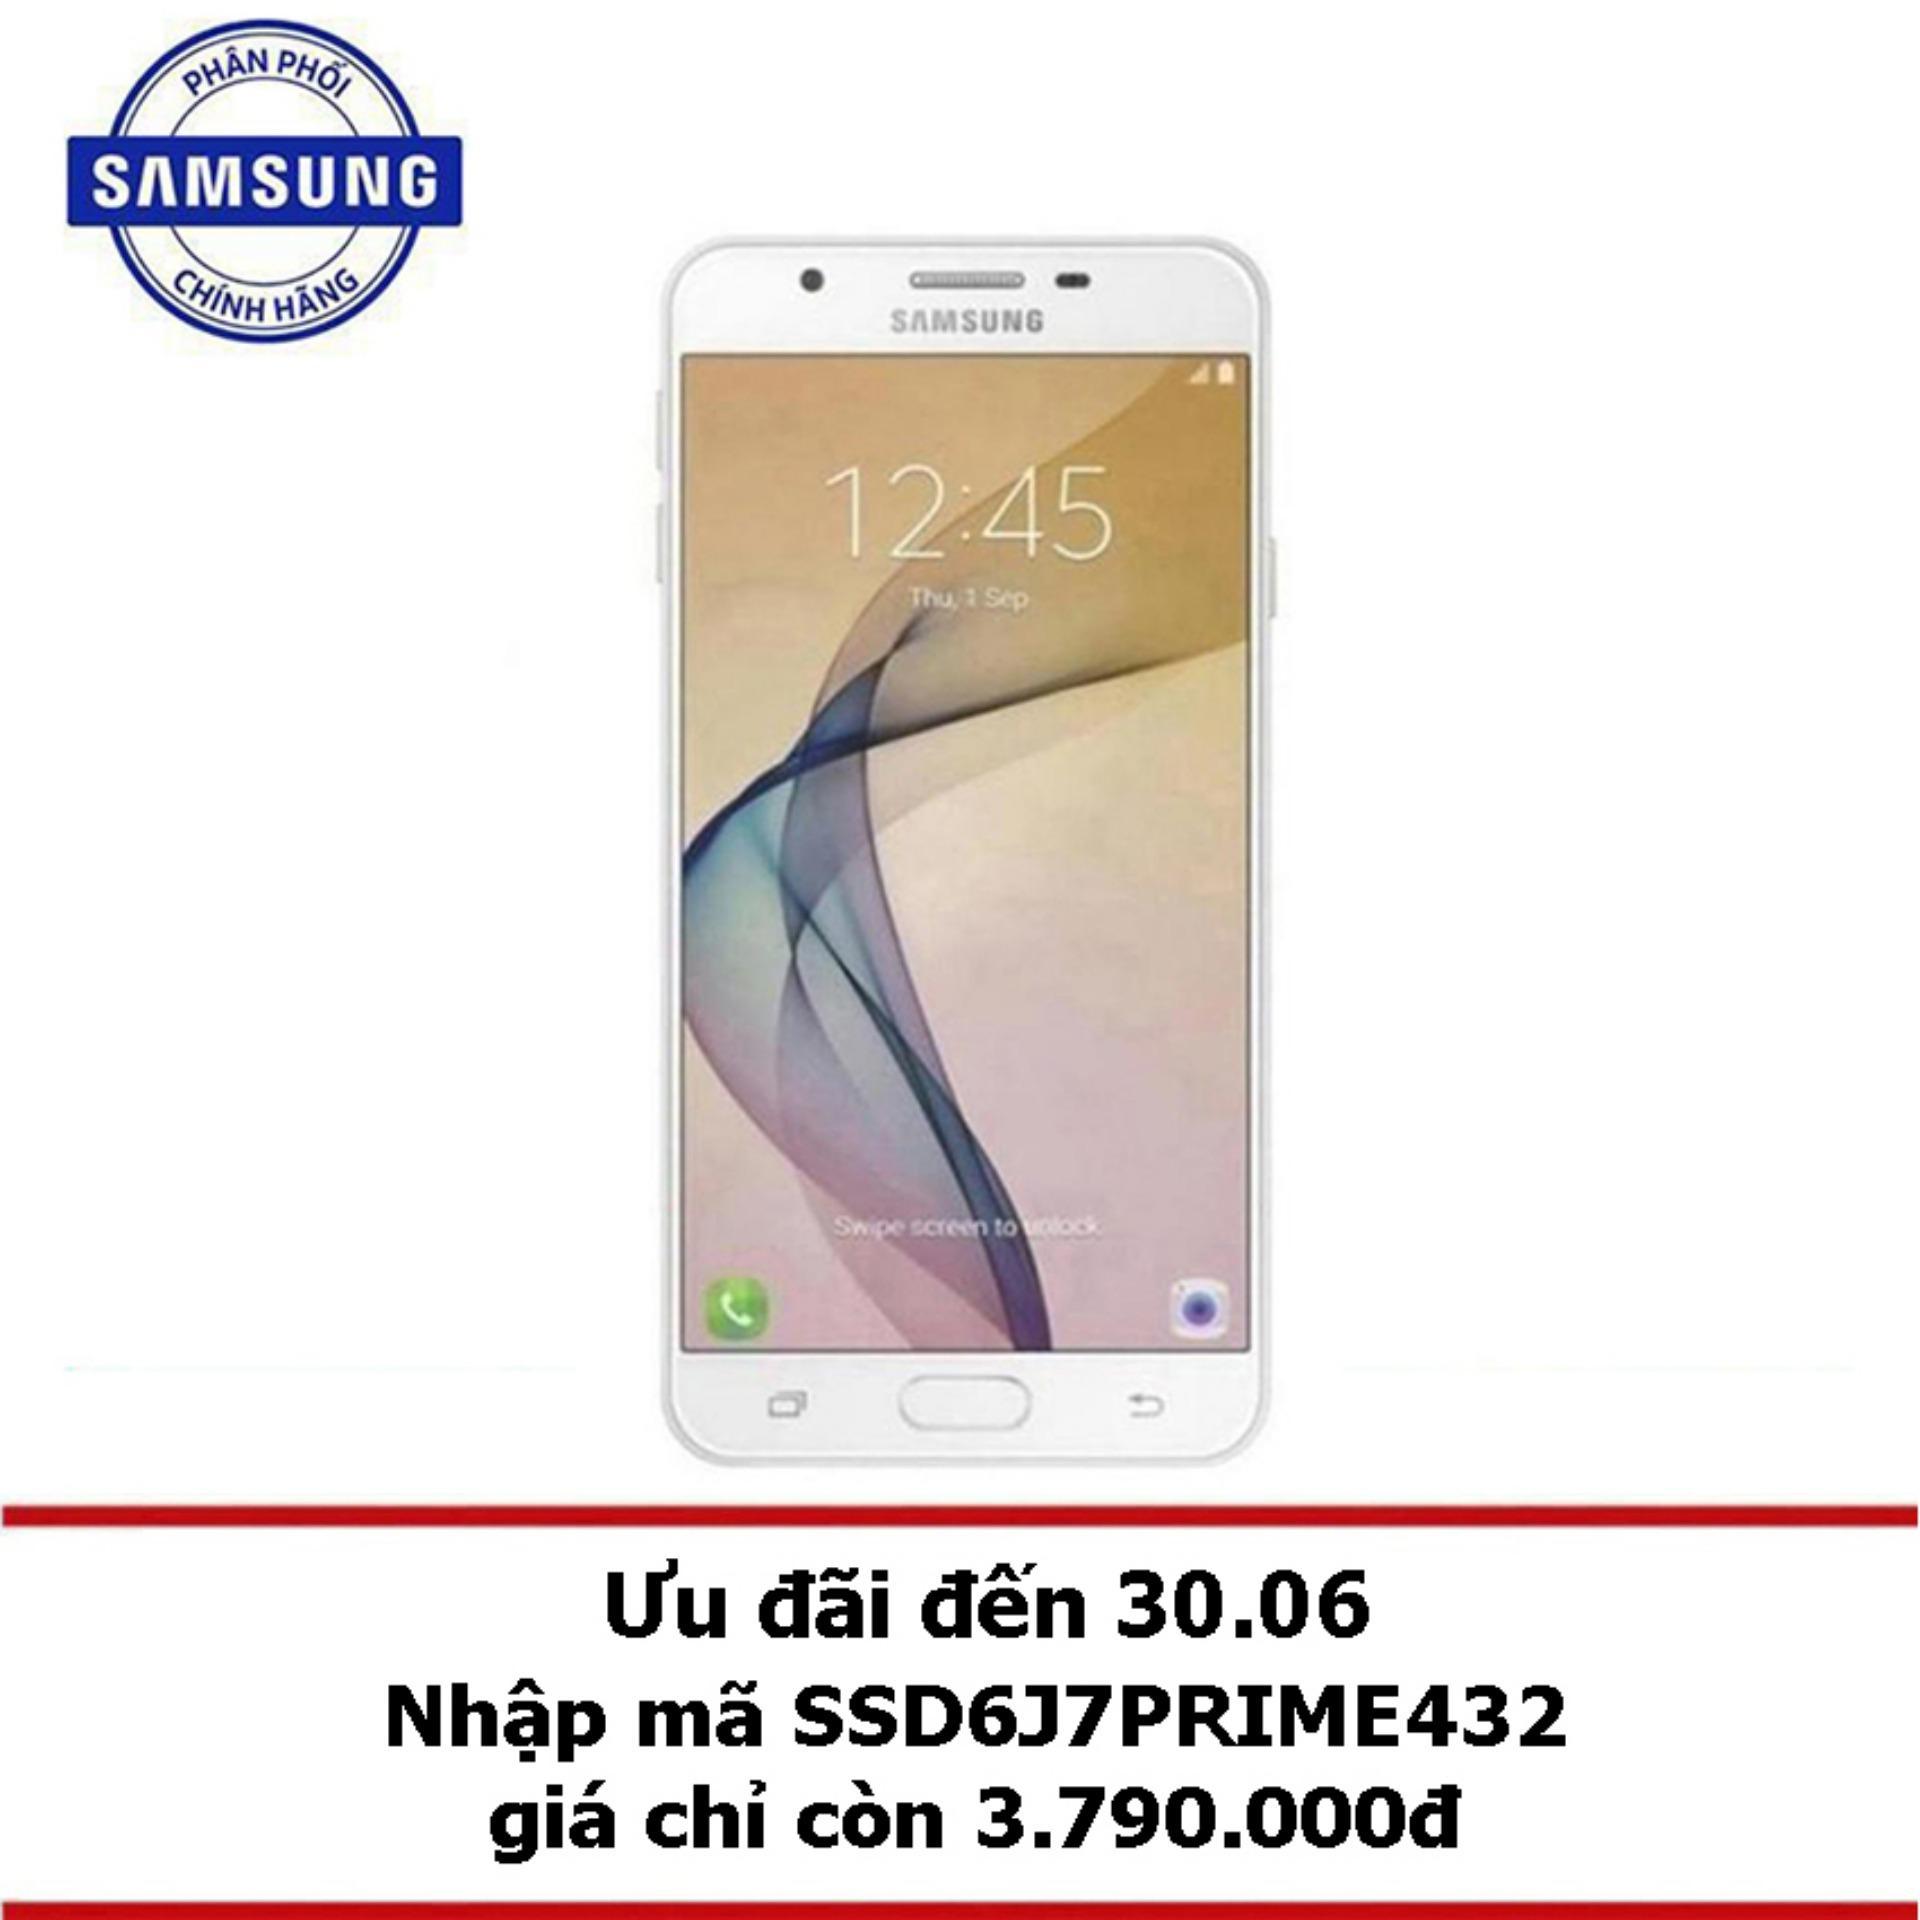 Samsung Galaxy J7 Prime 32GB RAM 3GB (Trắng Vàng) -...